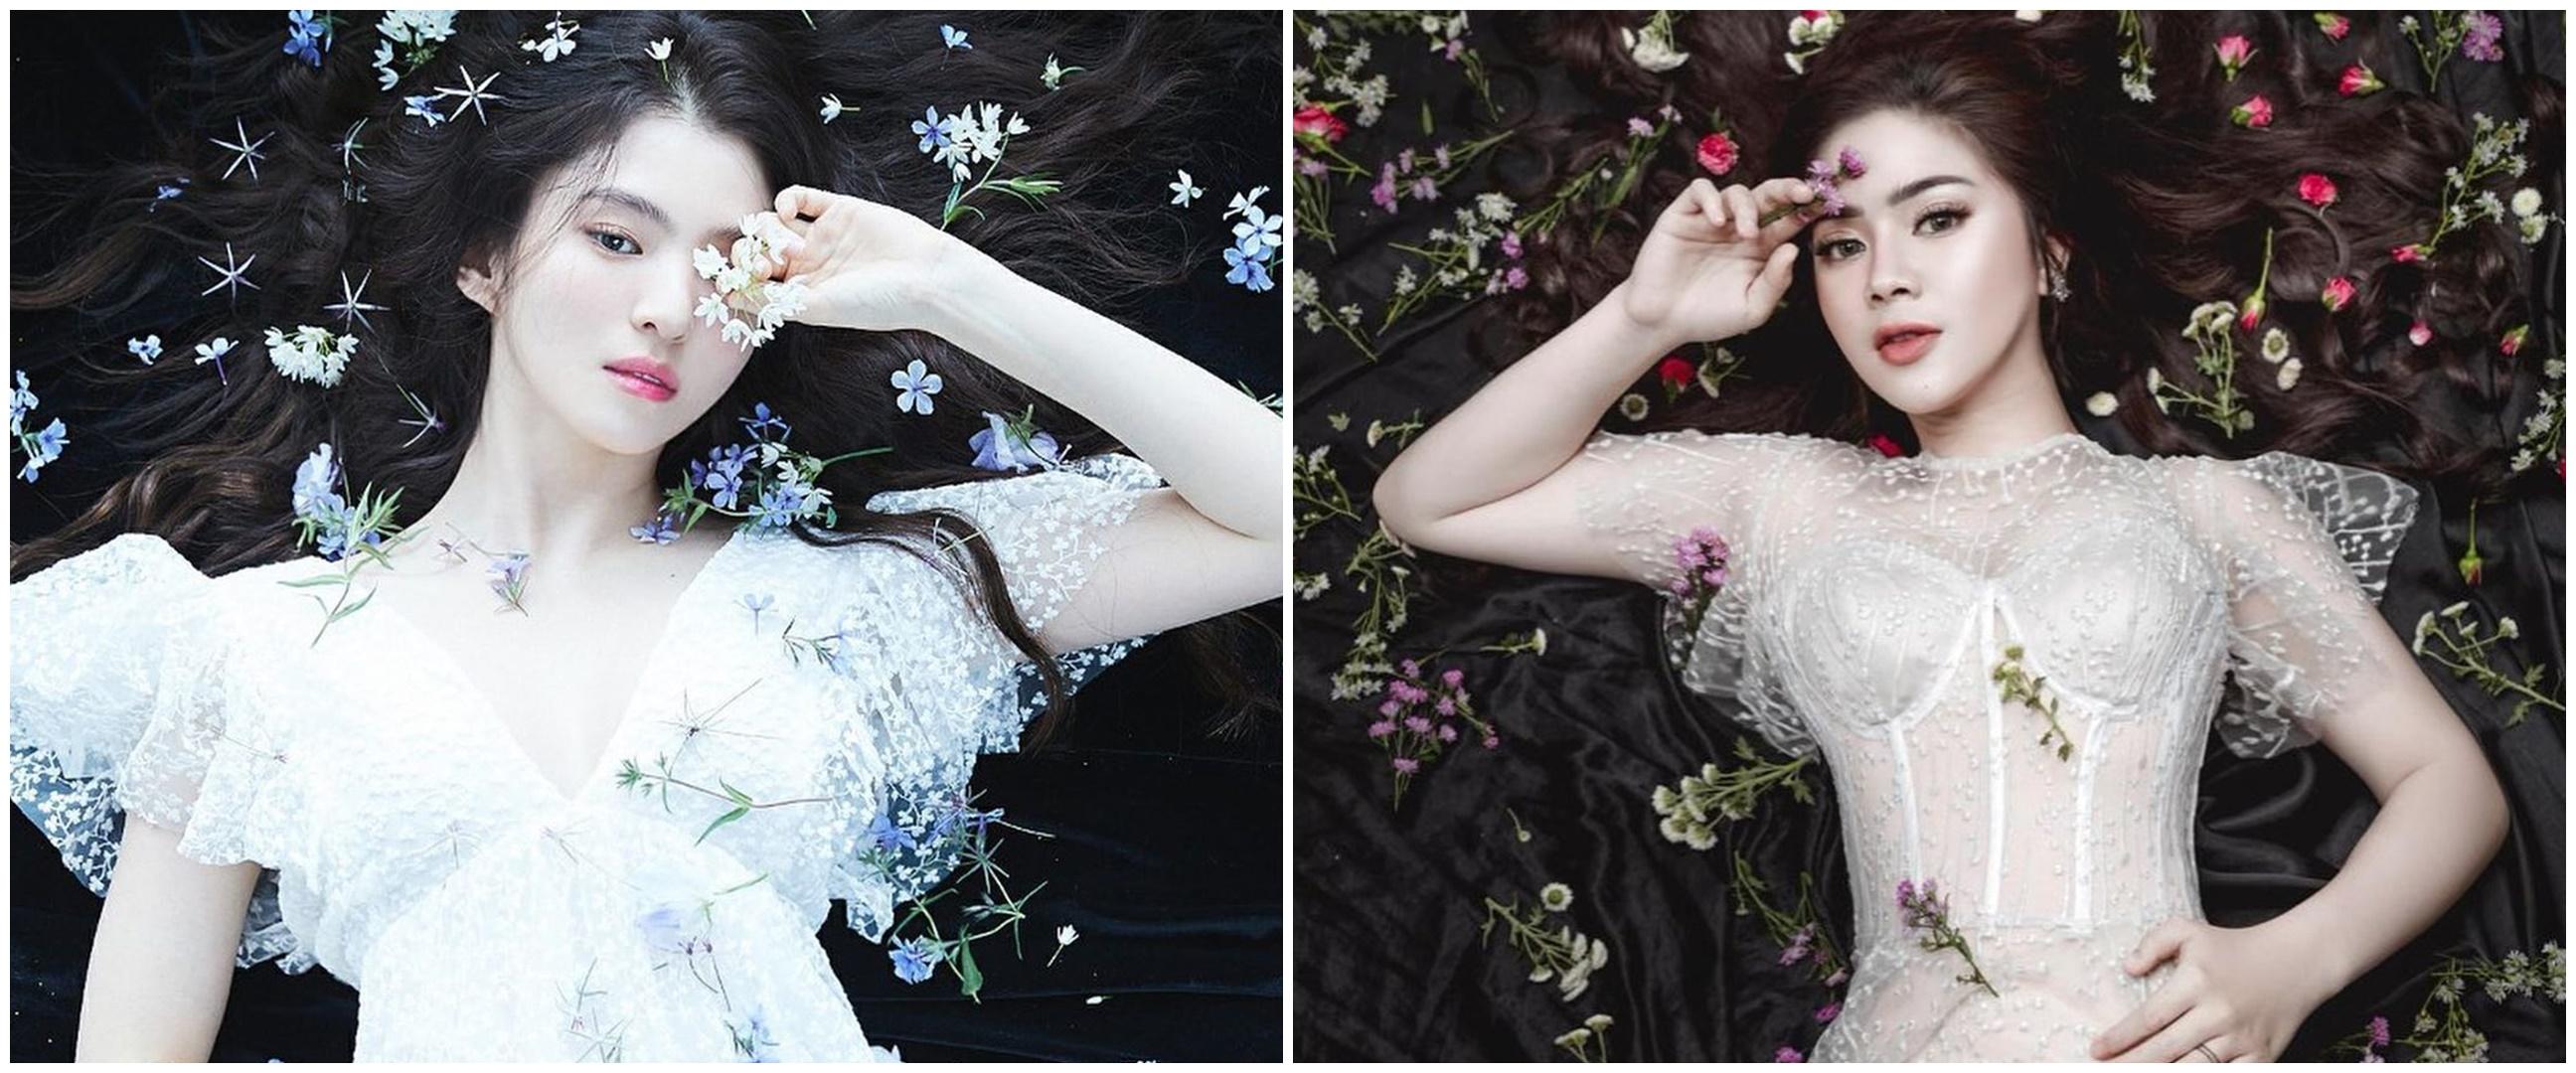 8 Momen pemotretan Felicya Angelista tiru gaya Han So-hee